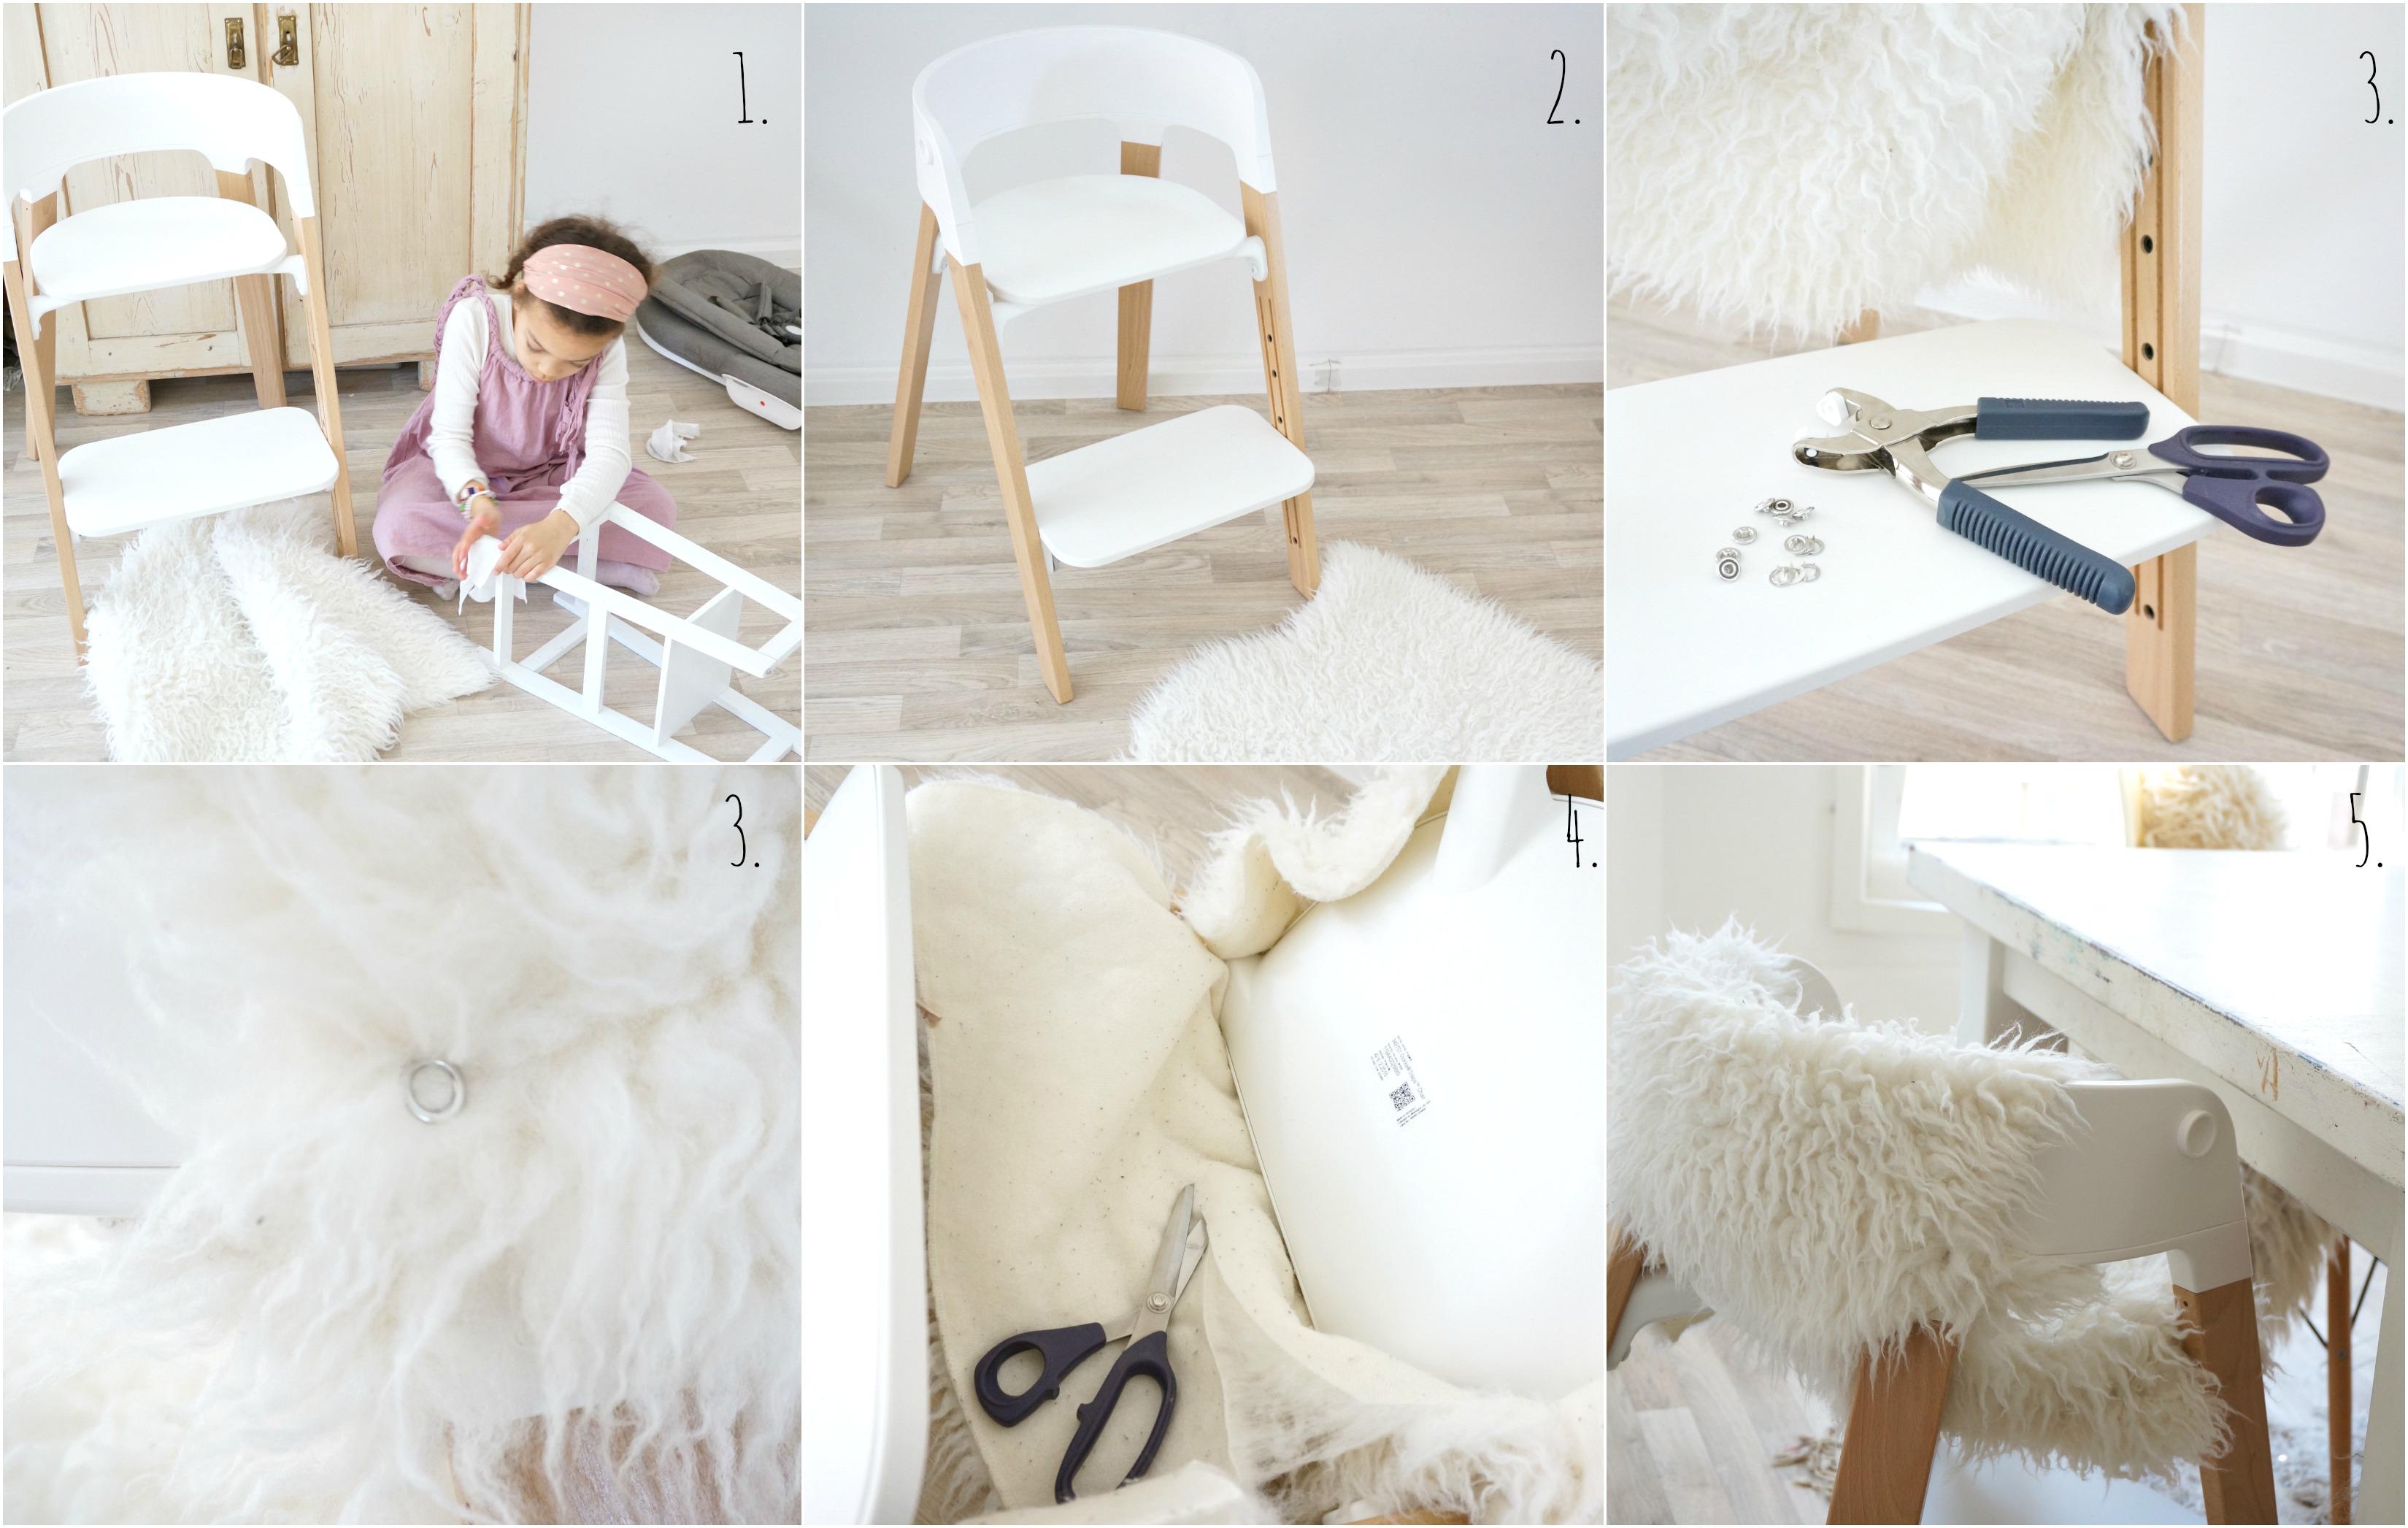 Ein Stokke Steps für zwei Kinder Mamablog & Shop by